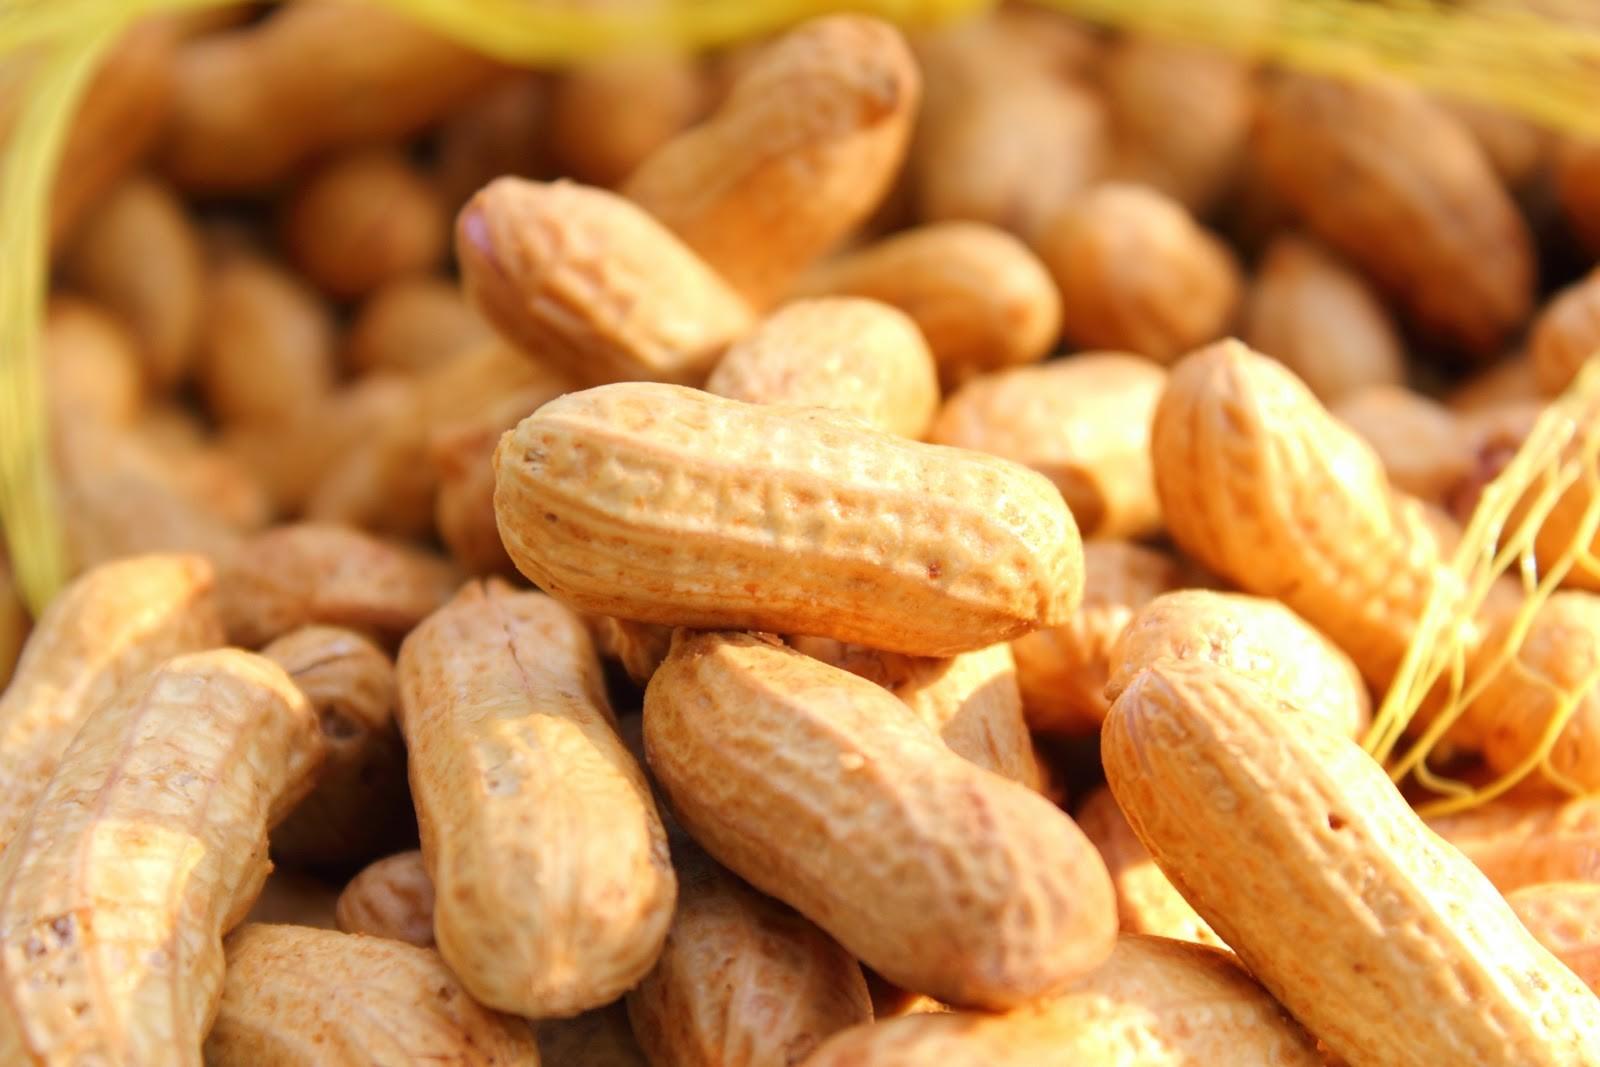 voyage et allergie alimentaire : l'arachide et moi • voyage, partage